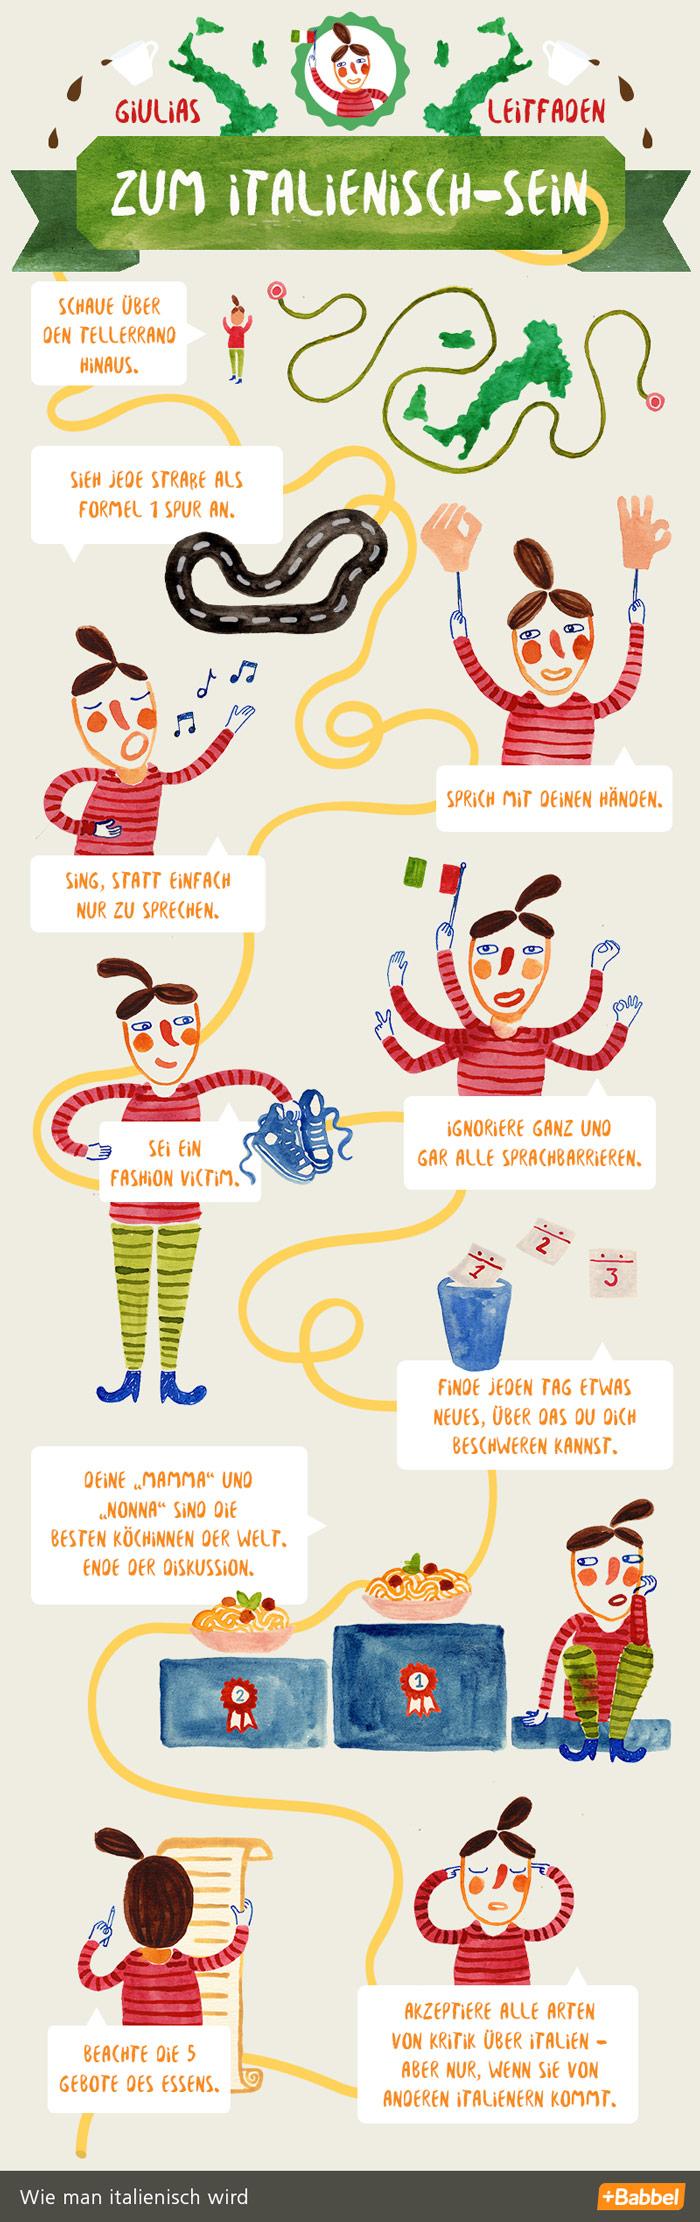 10 Schritte, um italienisch zu werden